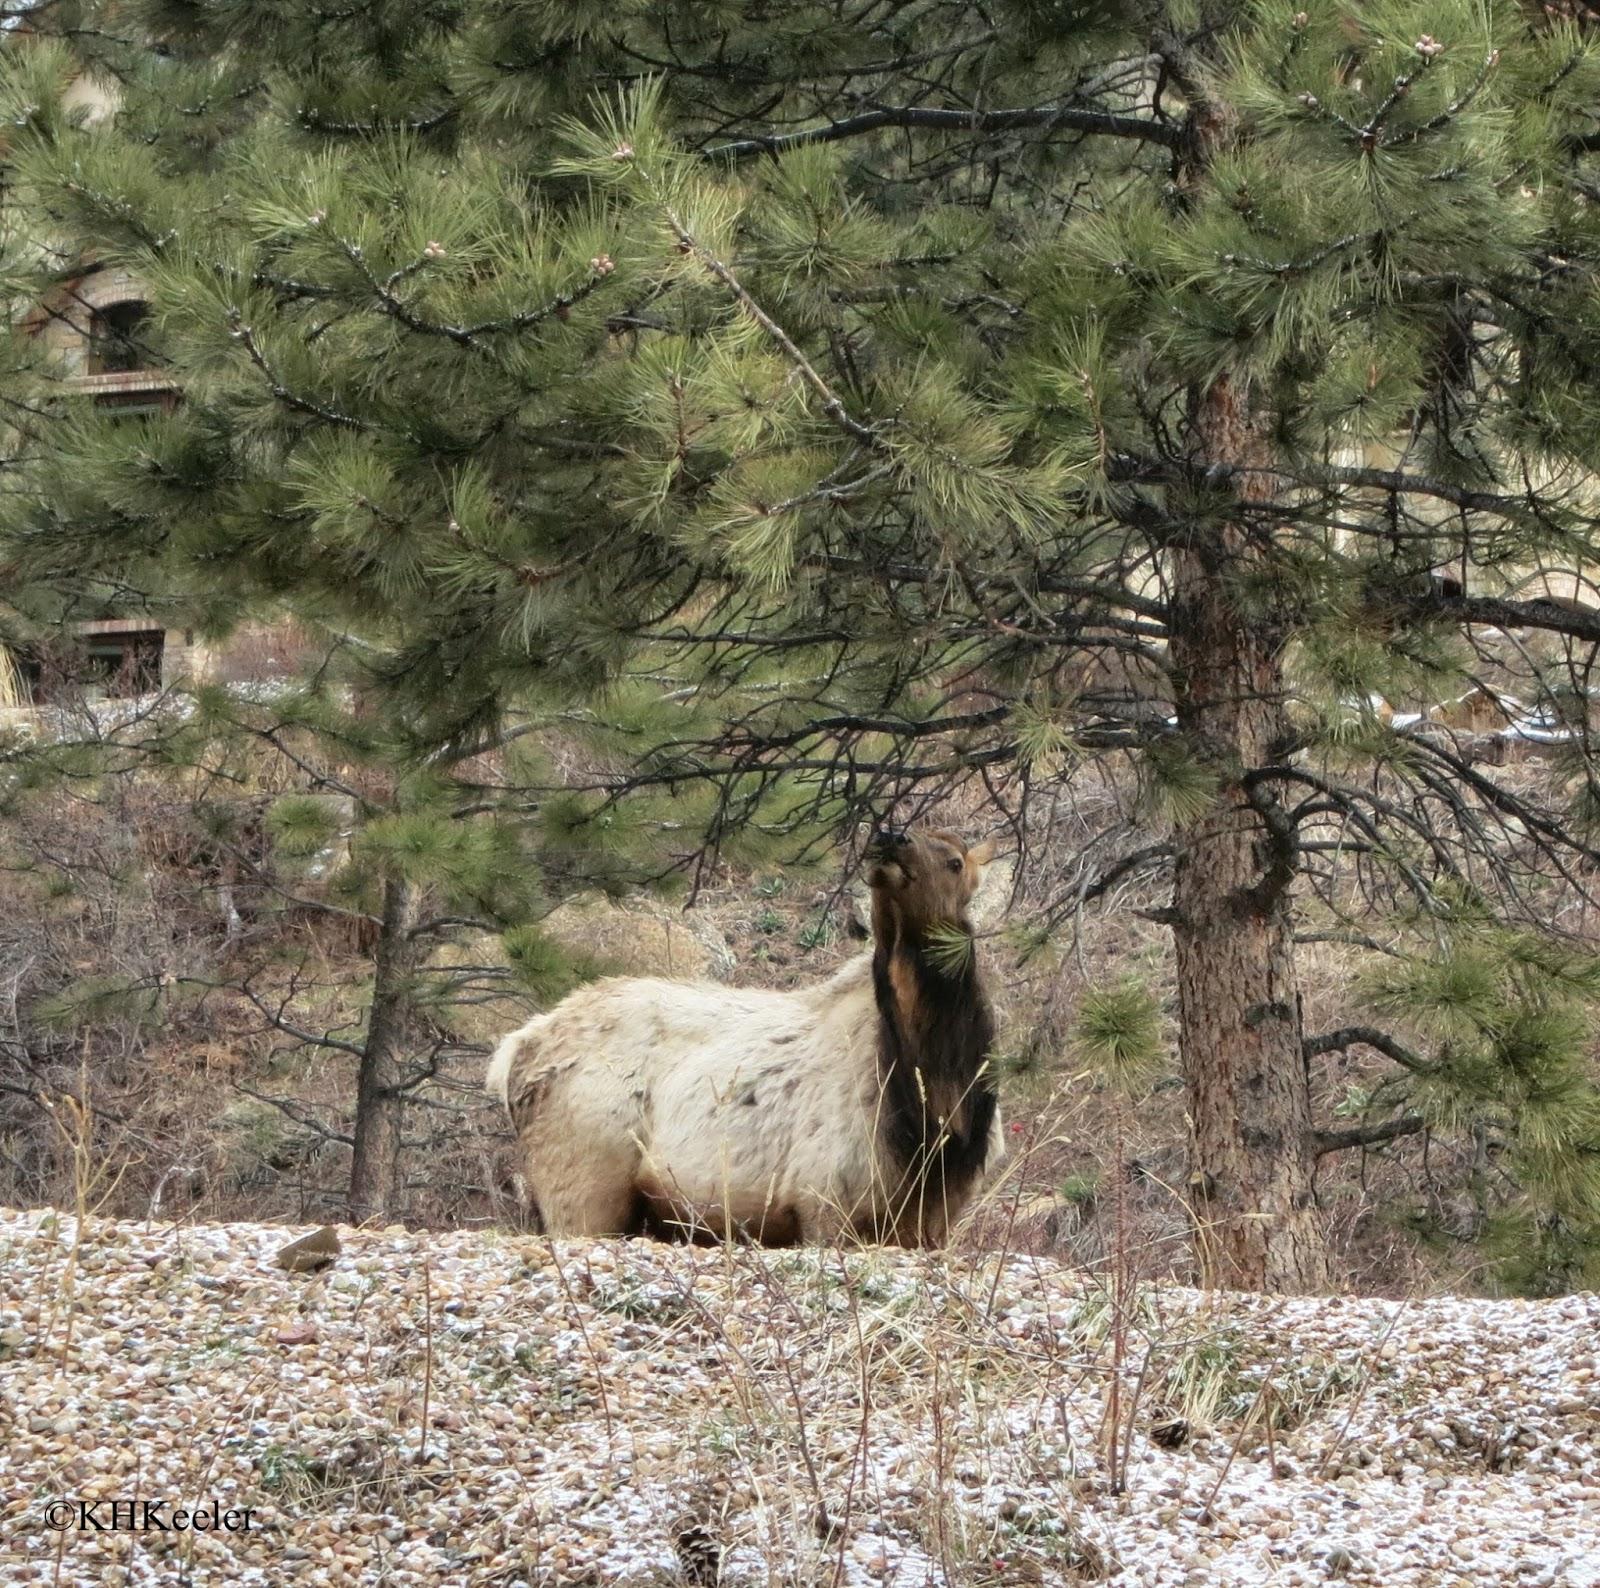 elk eating pine needles